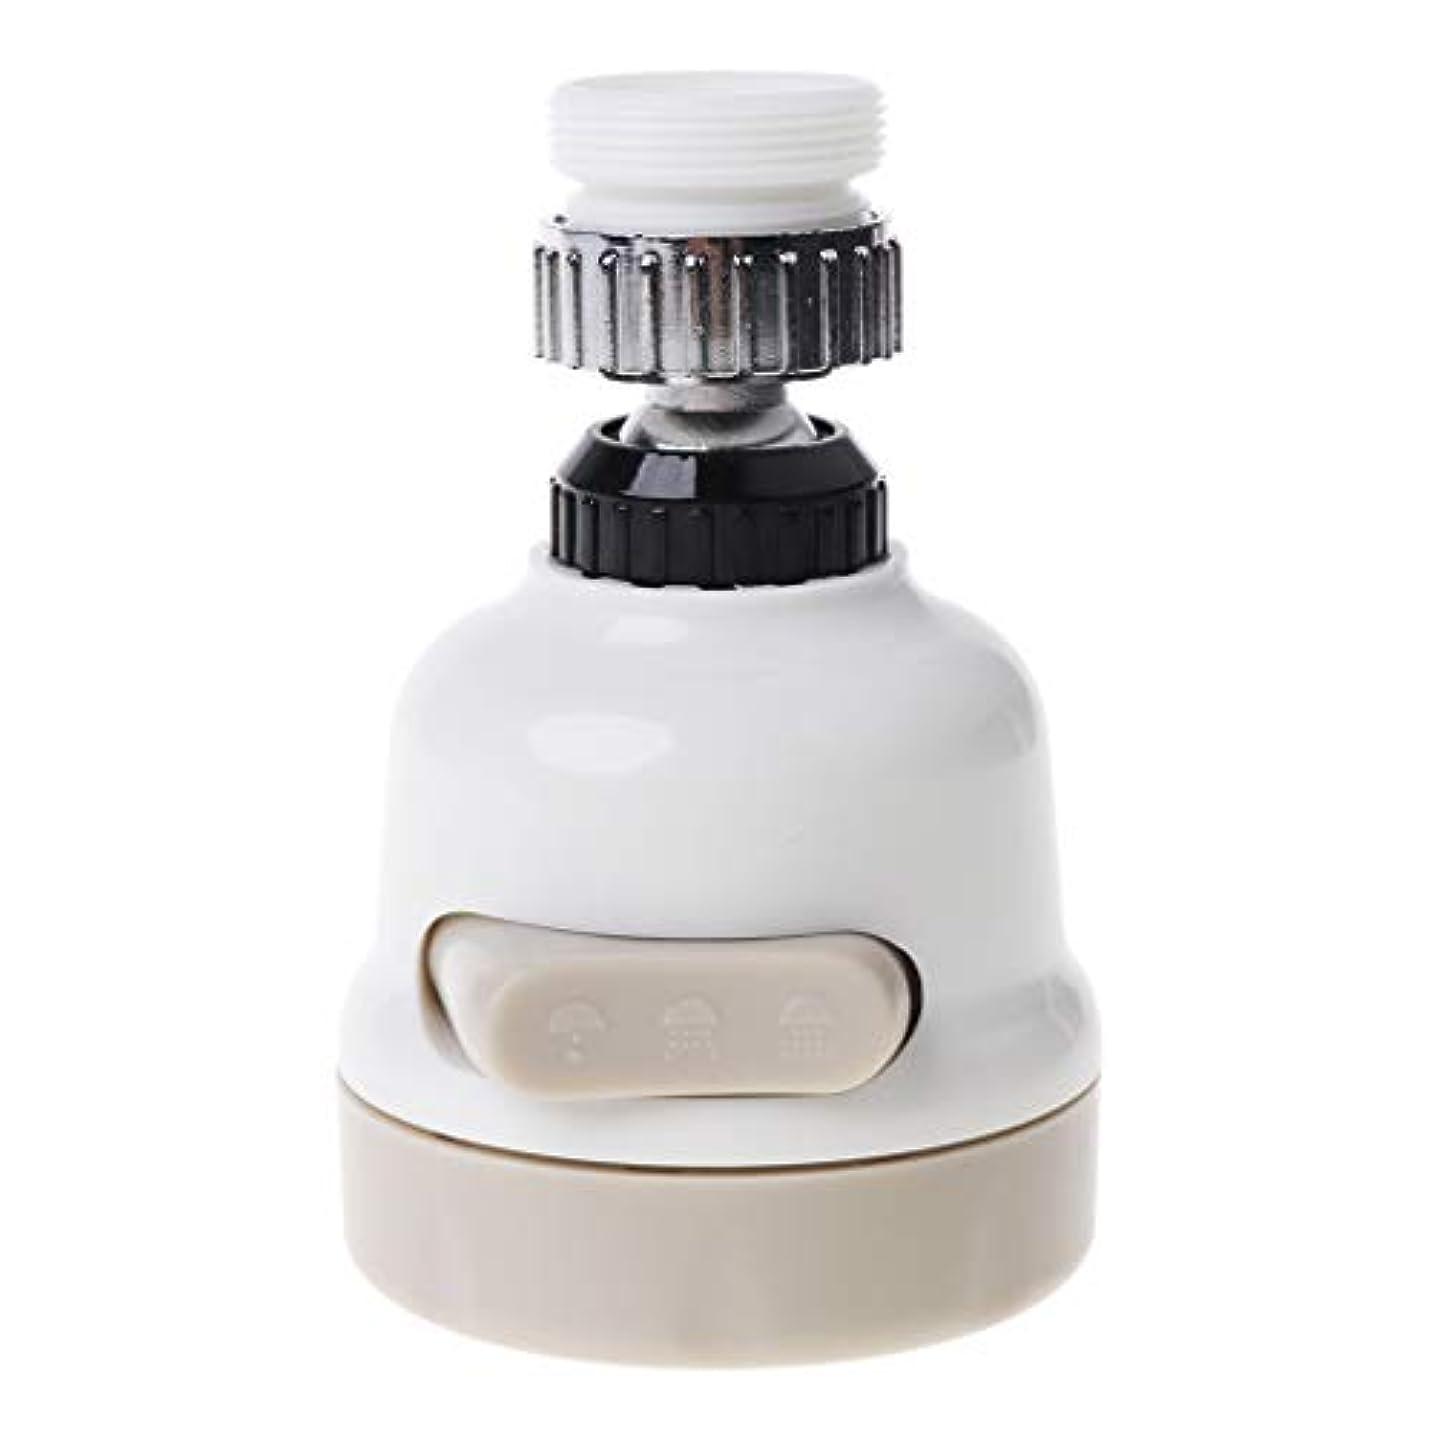 谷想像力クライマックスLamdoo360?回転蛇口フィルターアダプター節水タップディフューザーバスルームキッチン